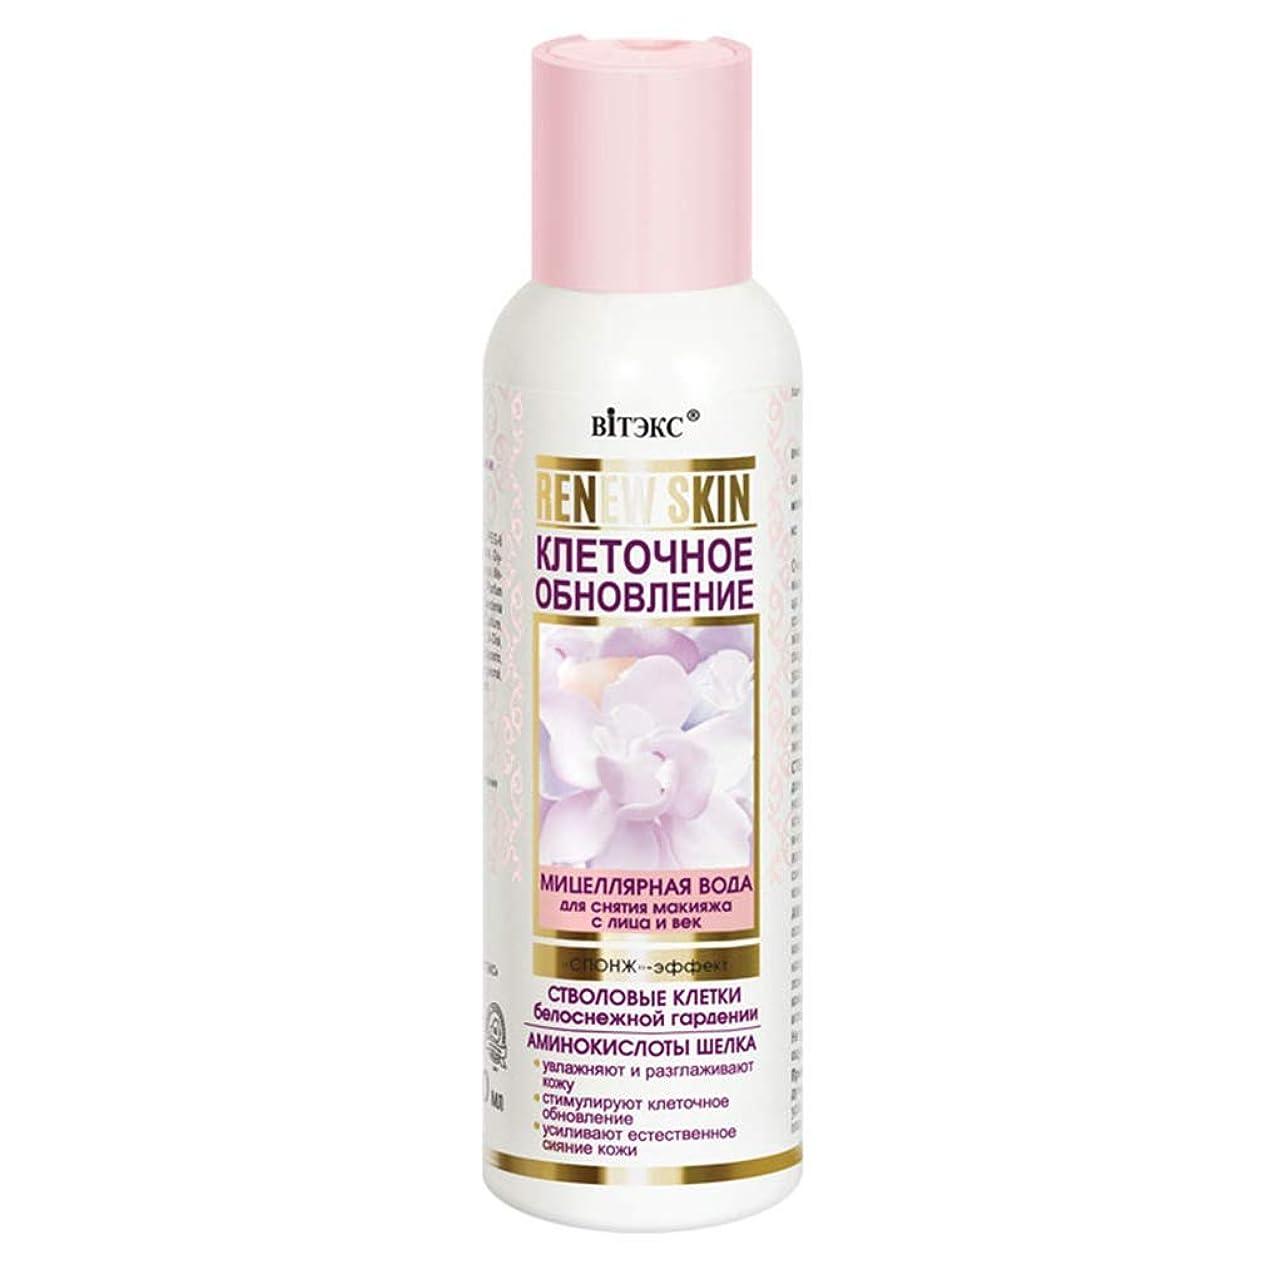 フィードバック免除大惨事Bielita & Vitex | RENEW SKIN | MICELLAR WATER for removing makeup from face and eyelids | SPONGE effect | STEM CELLS of snow-white gardenia | SILK AMINO ACIDS | moisturize and smooth the skin | 150 ml